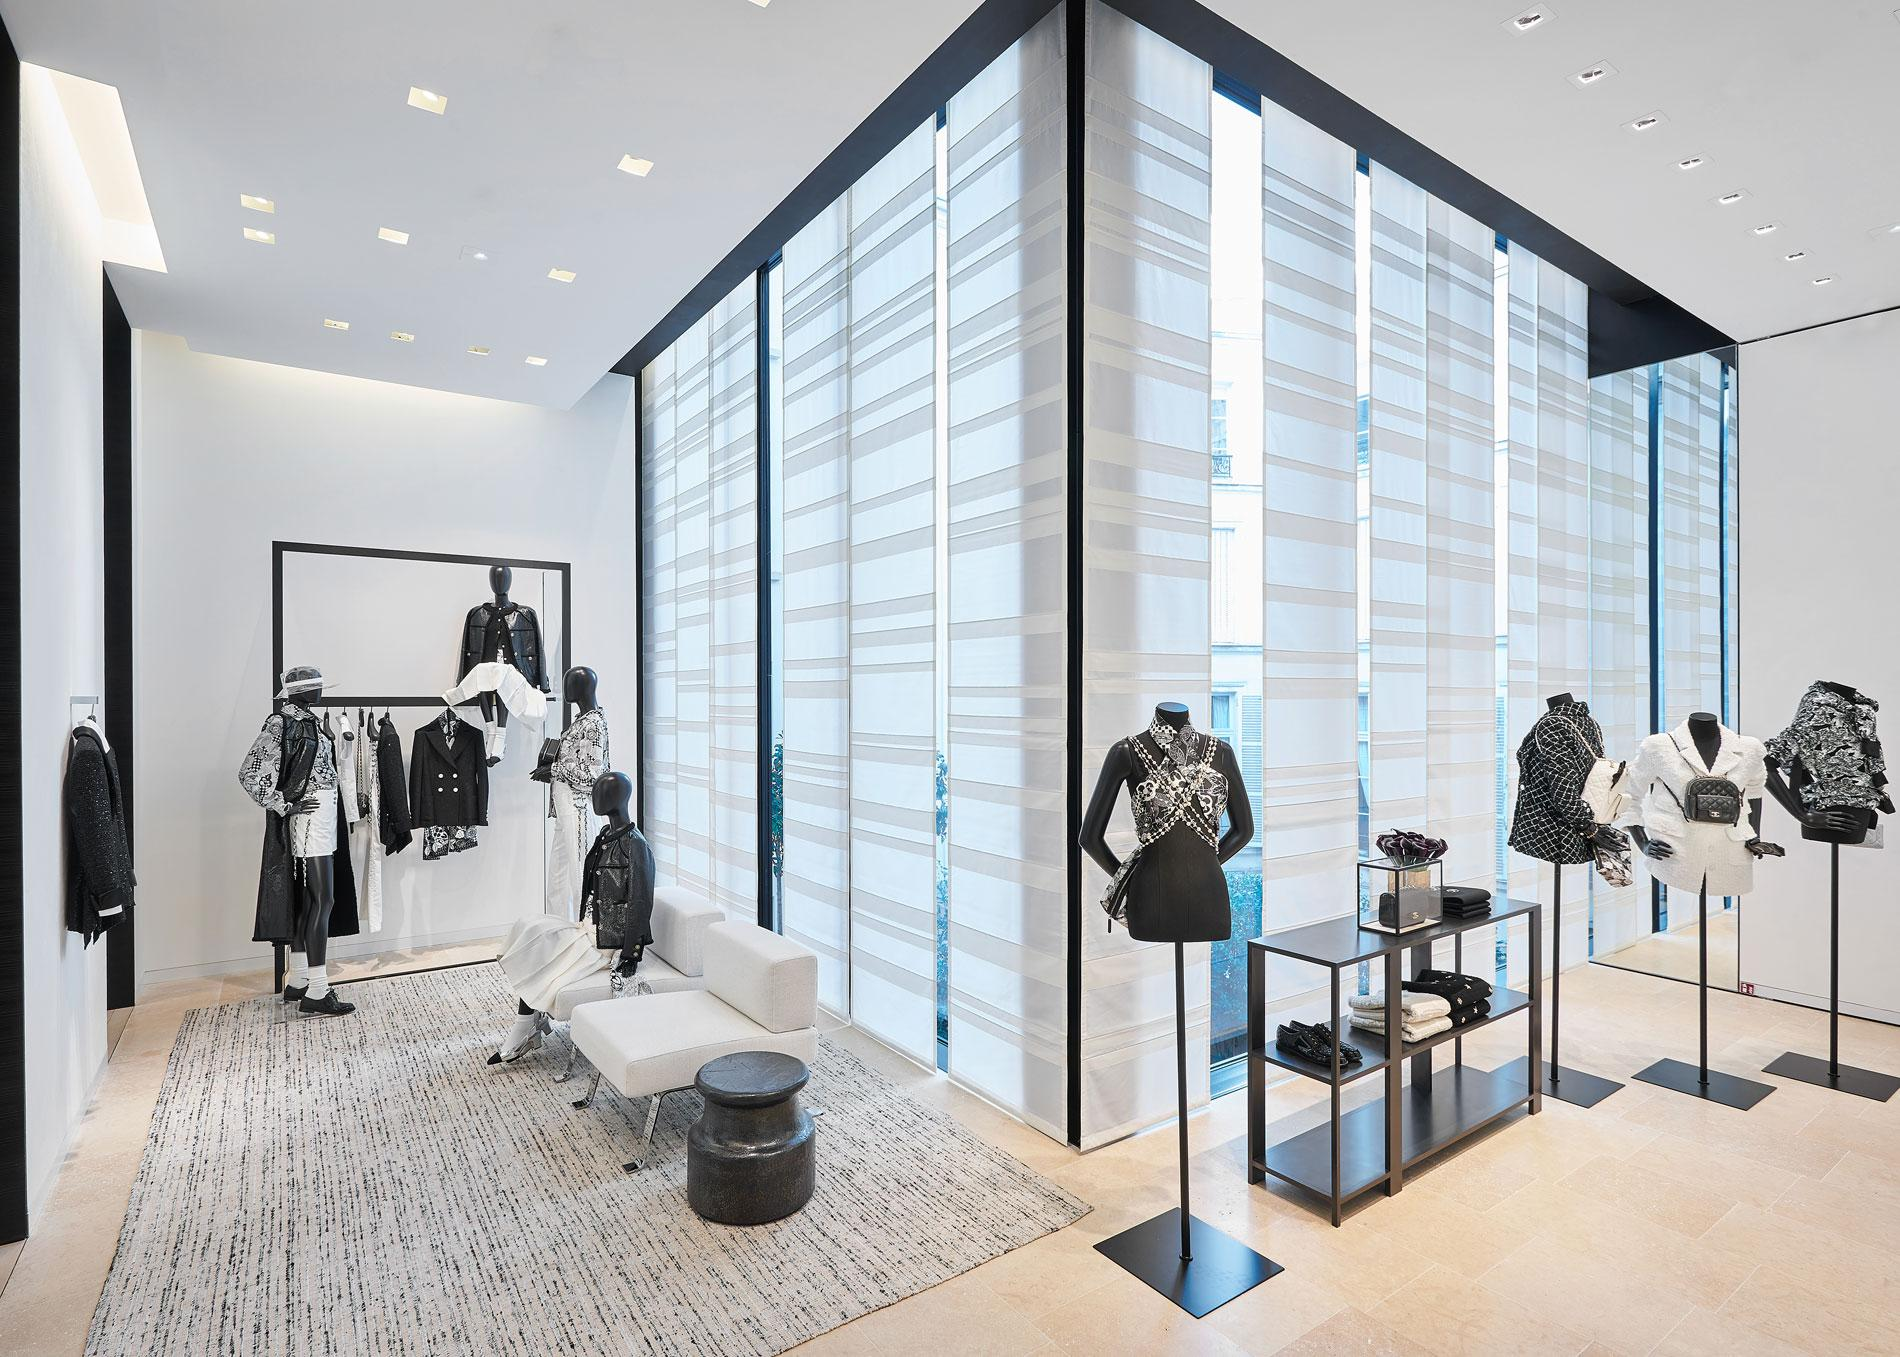 66fcf09a752 ... La nouvelle boutique Chanel au 19 rue Cambon ...